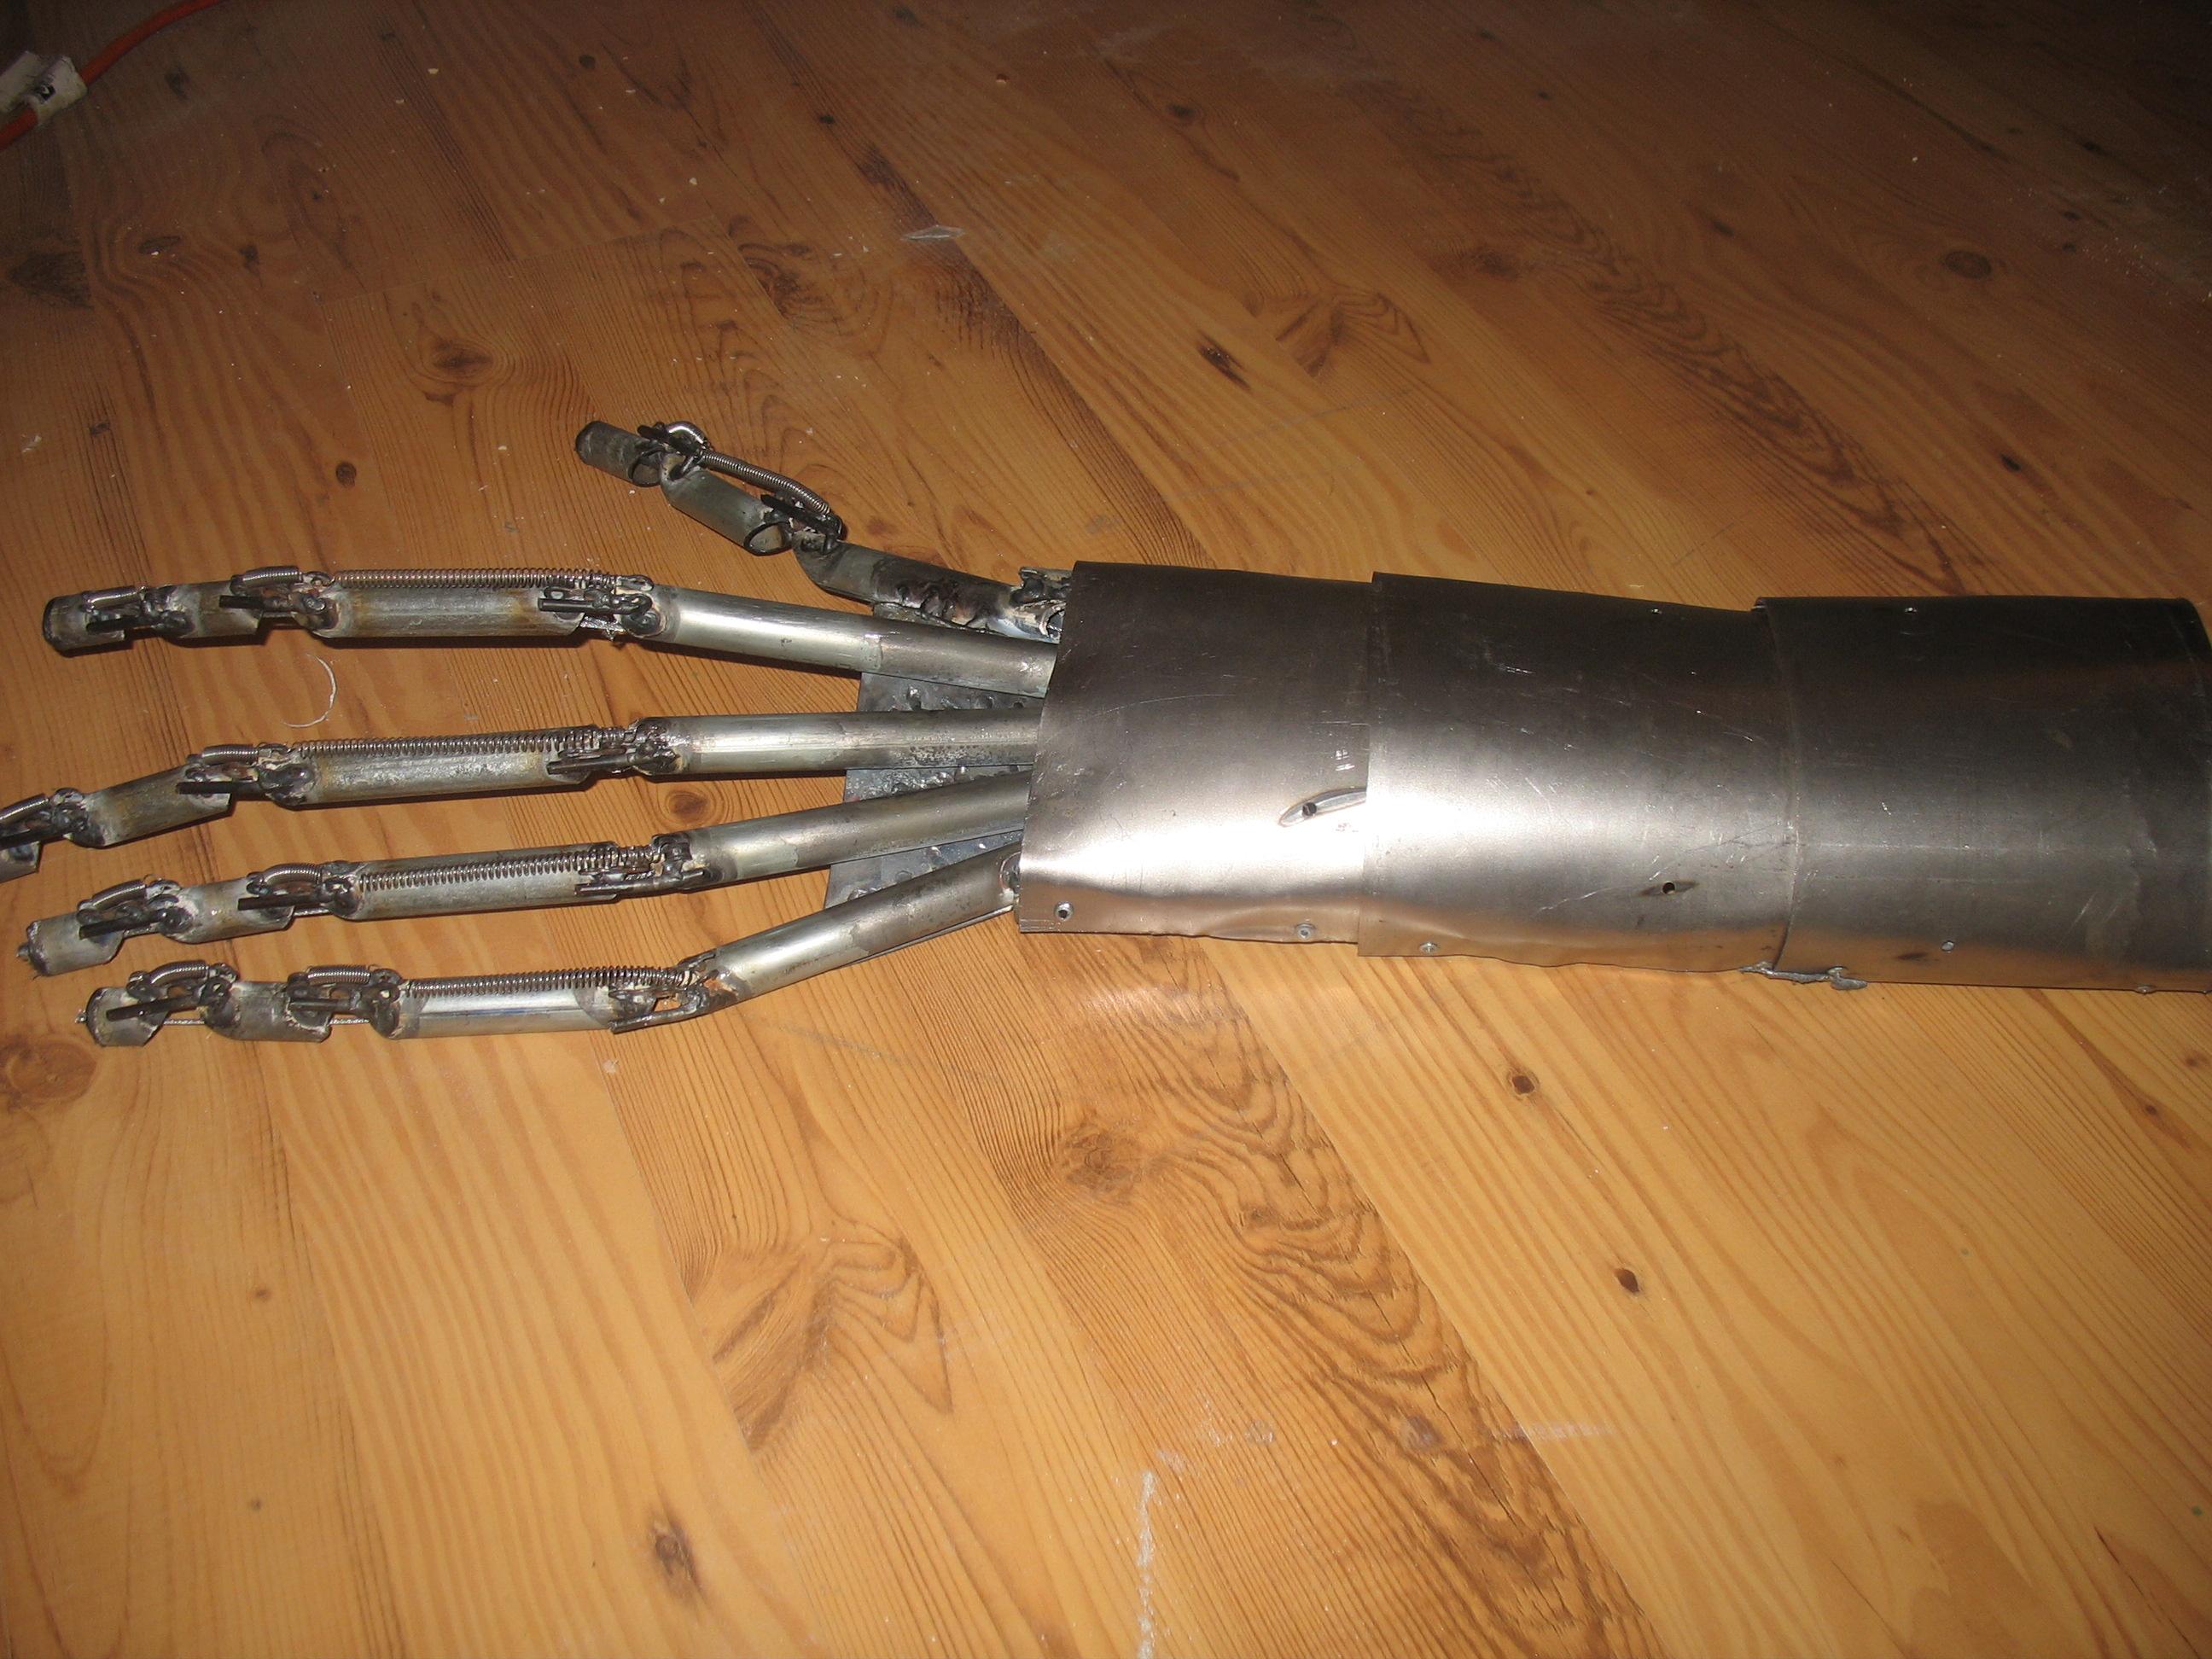 Giant Metal Animatronic Cyborg Hand of DOOM!